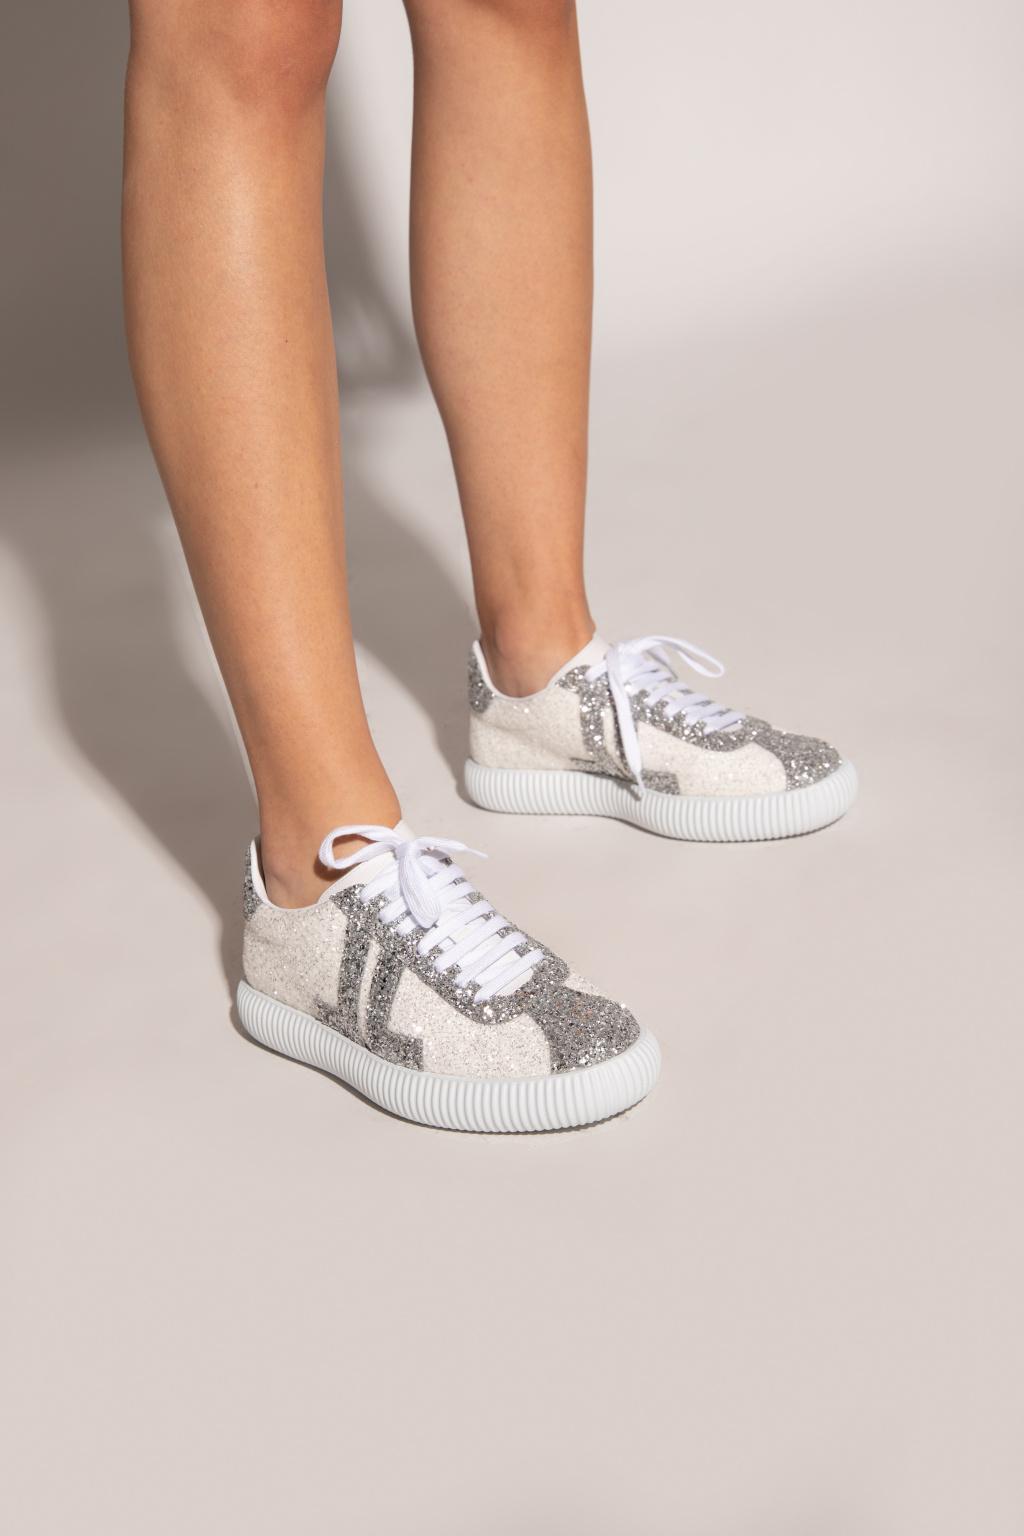 Lanvin Glittery sneakers